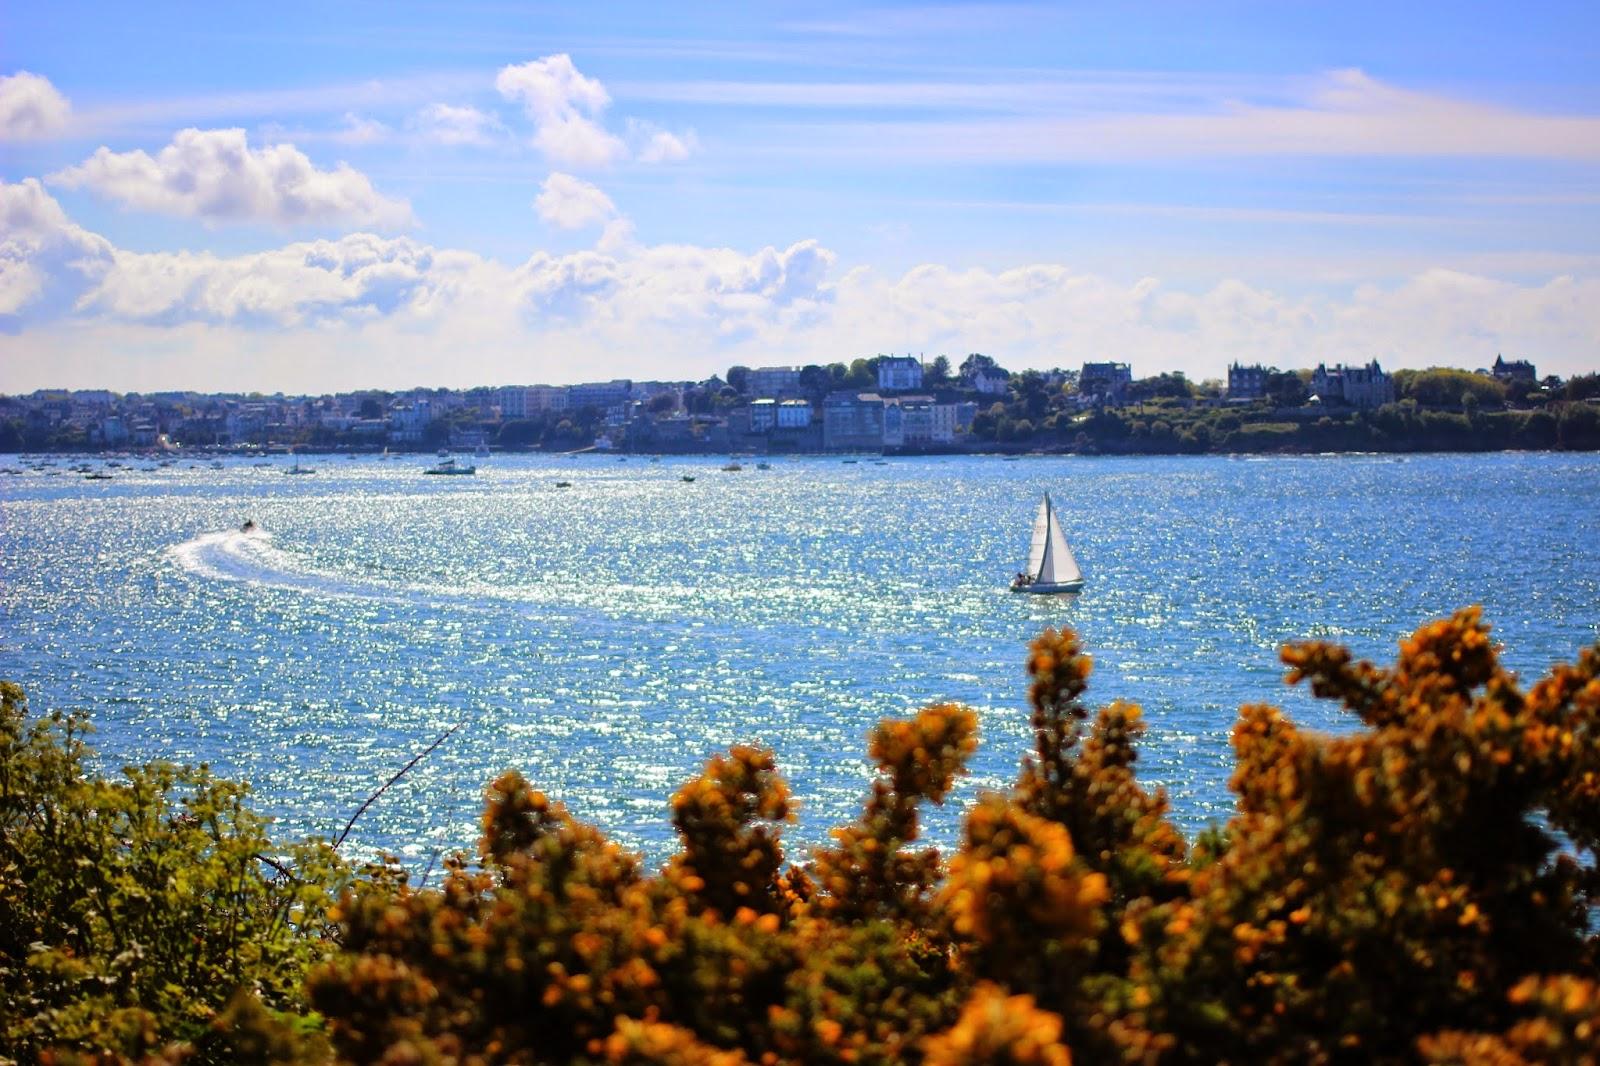 Le Chameau Bleu - Blog Voyage Saint Malo France - Vue depuis la cité d'Aleth - Saint Malo - Paysage malouine